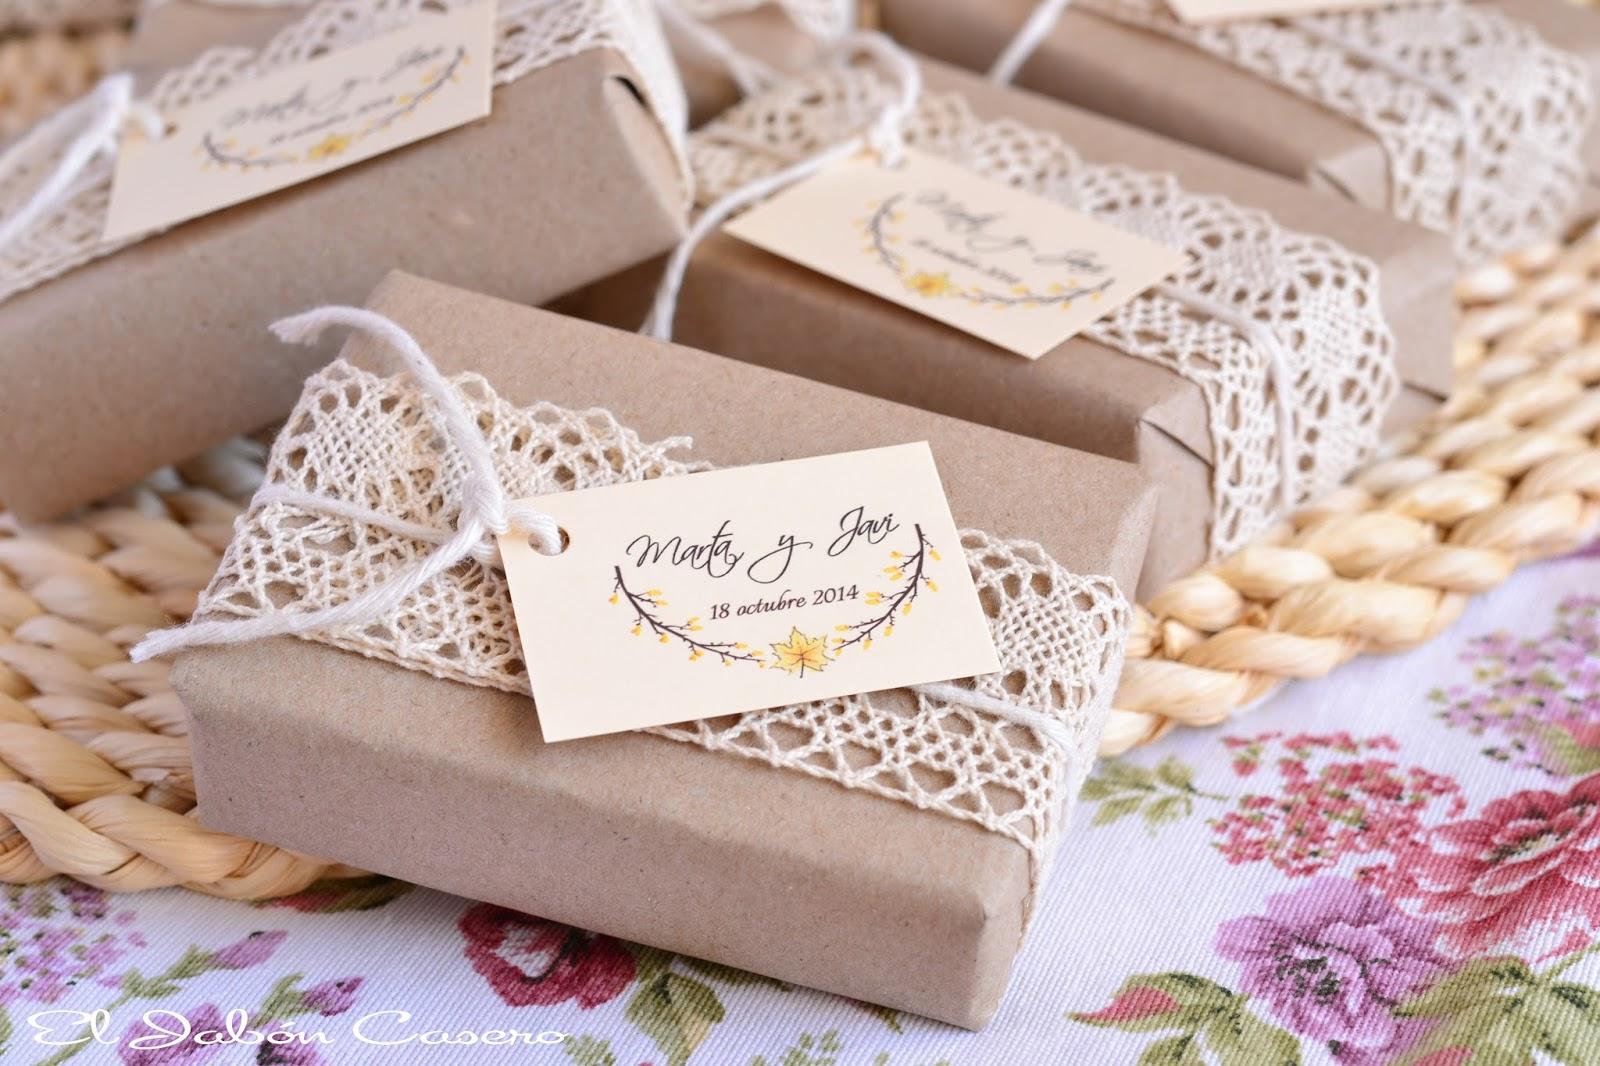 jabones vintage para detalles de boda